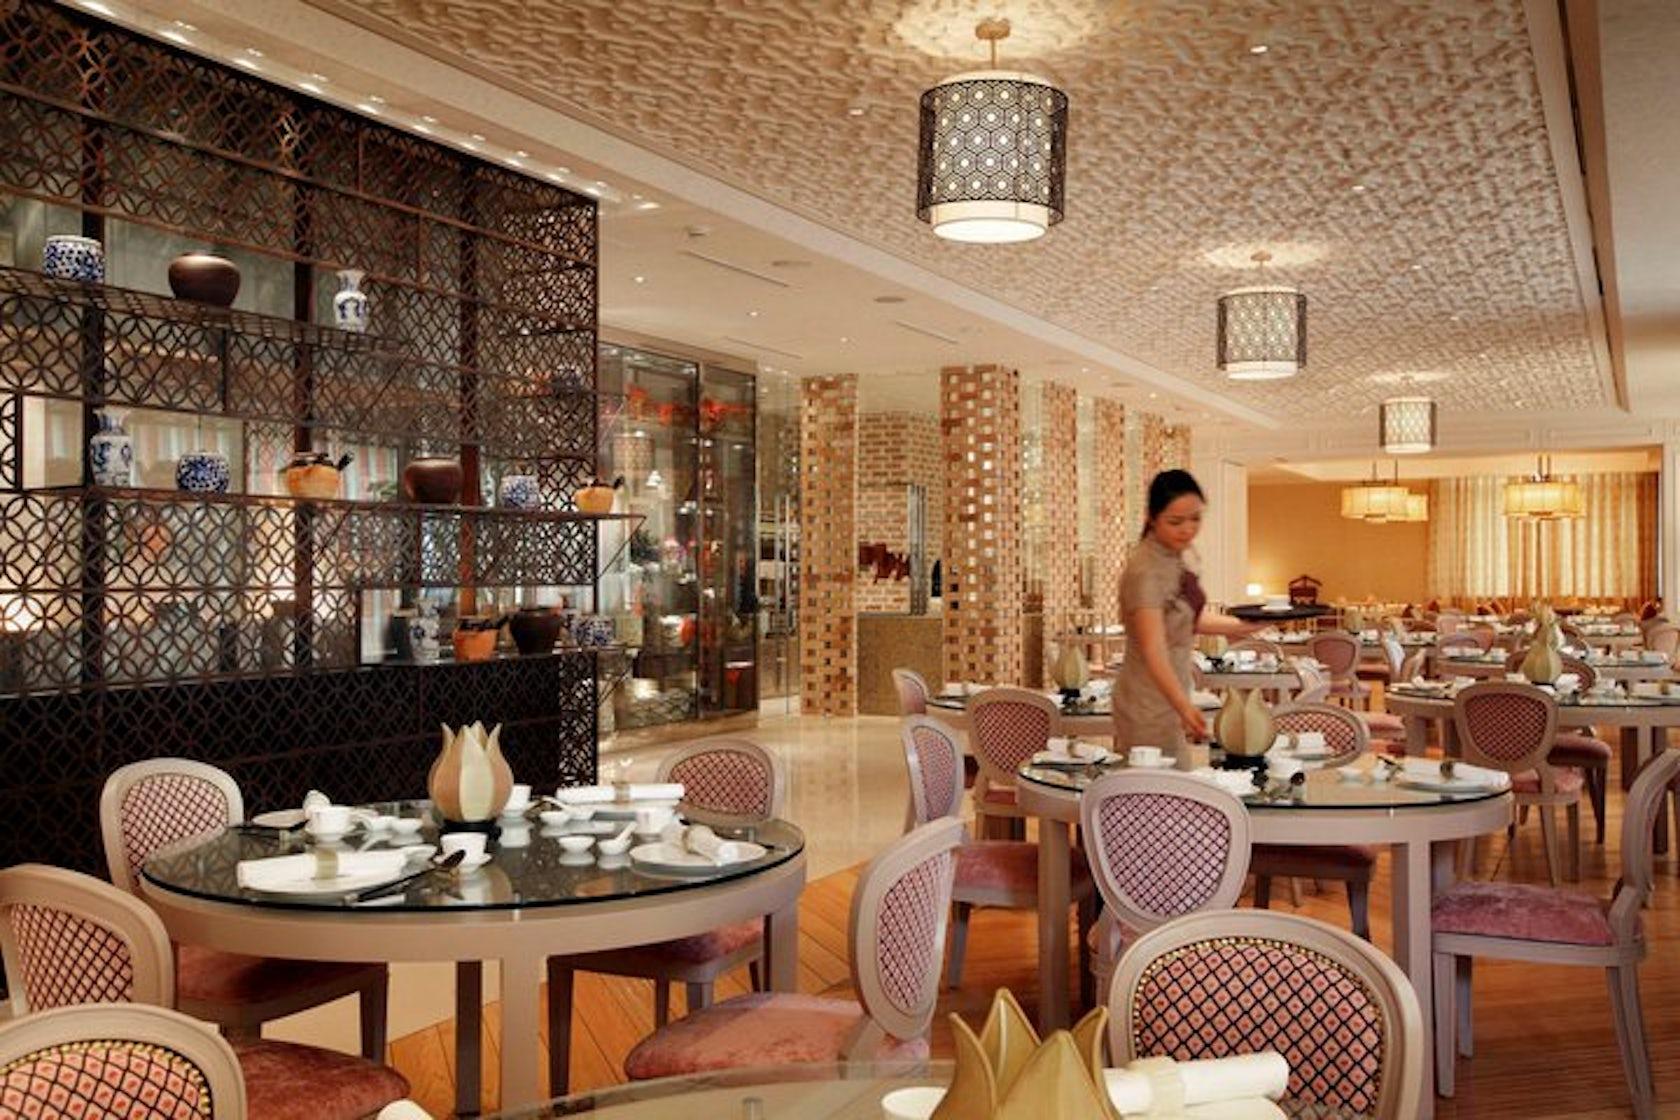 Intercontinental Hotel Asiana Saigon Yu Chu Architizer